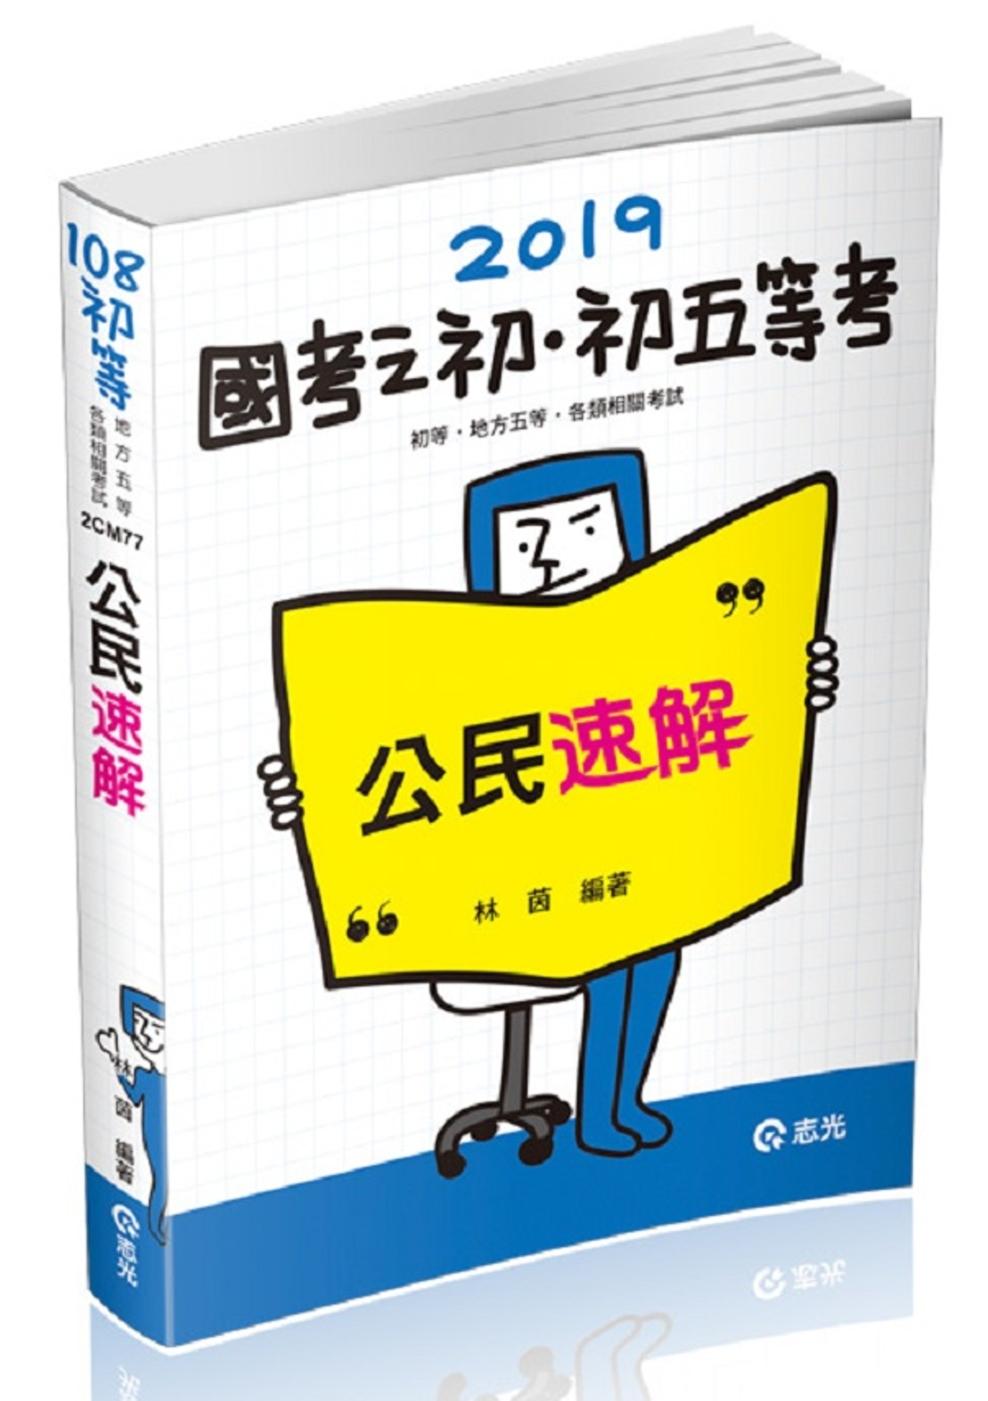 公民速解(初等考、普考、地方五等、各類特考考試適用)